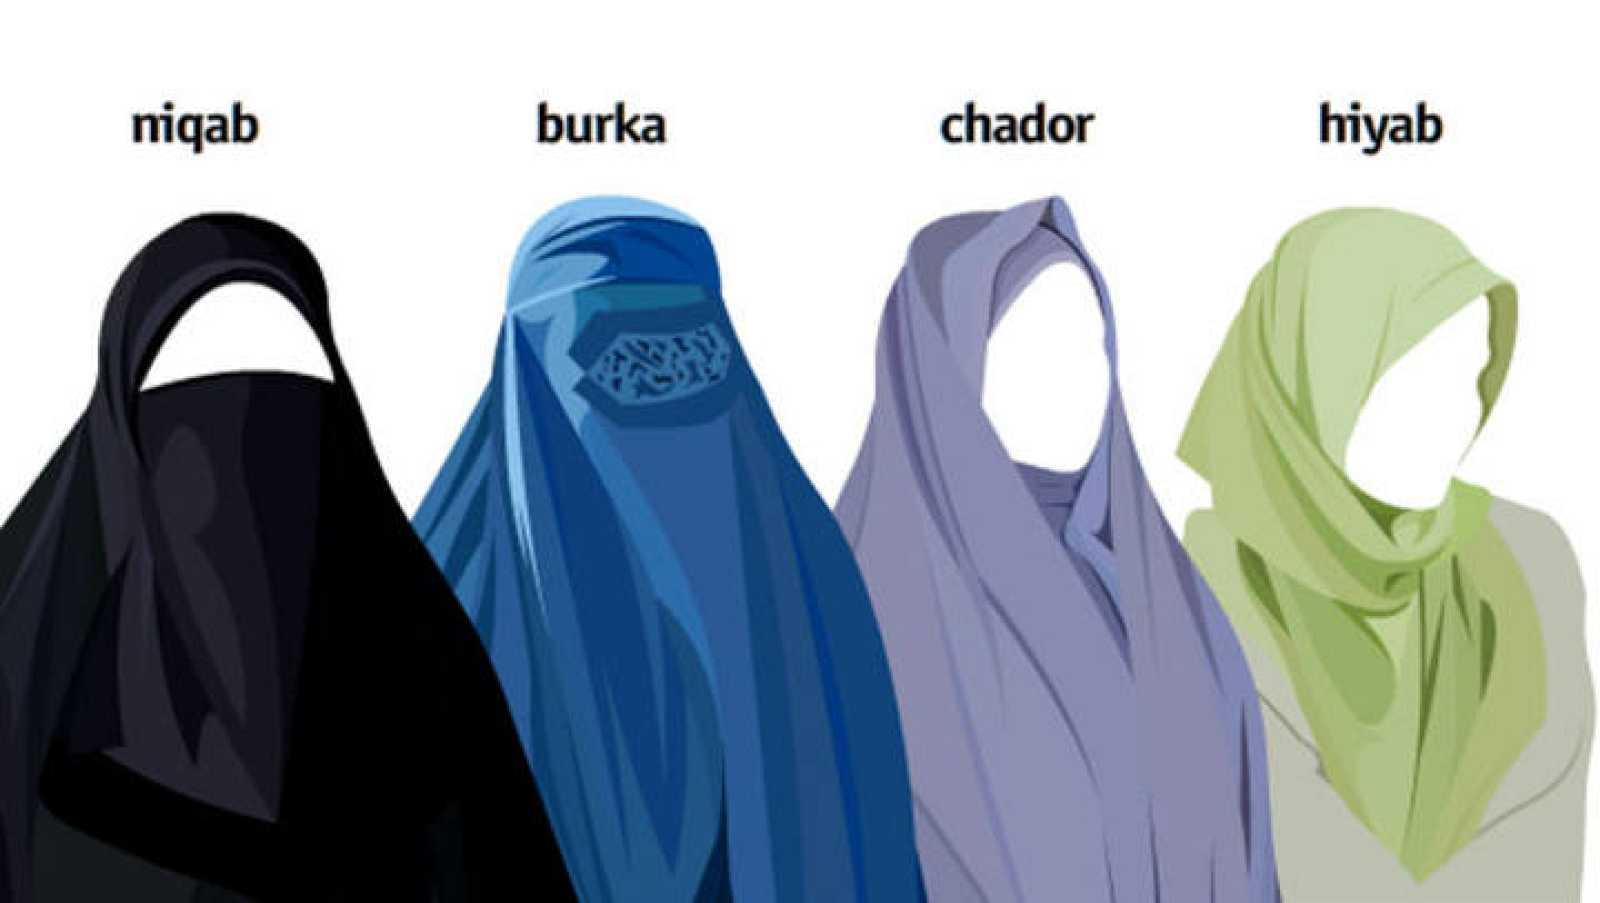 Prendas tradicionales de la mujer musulmana.